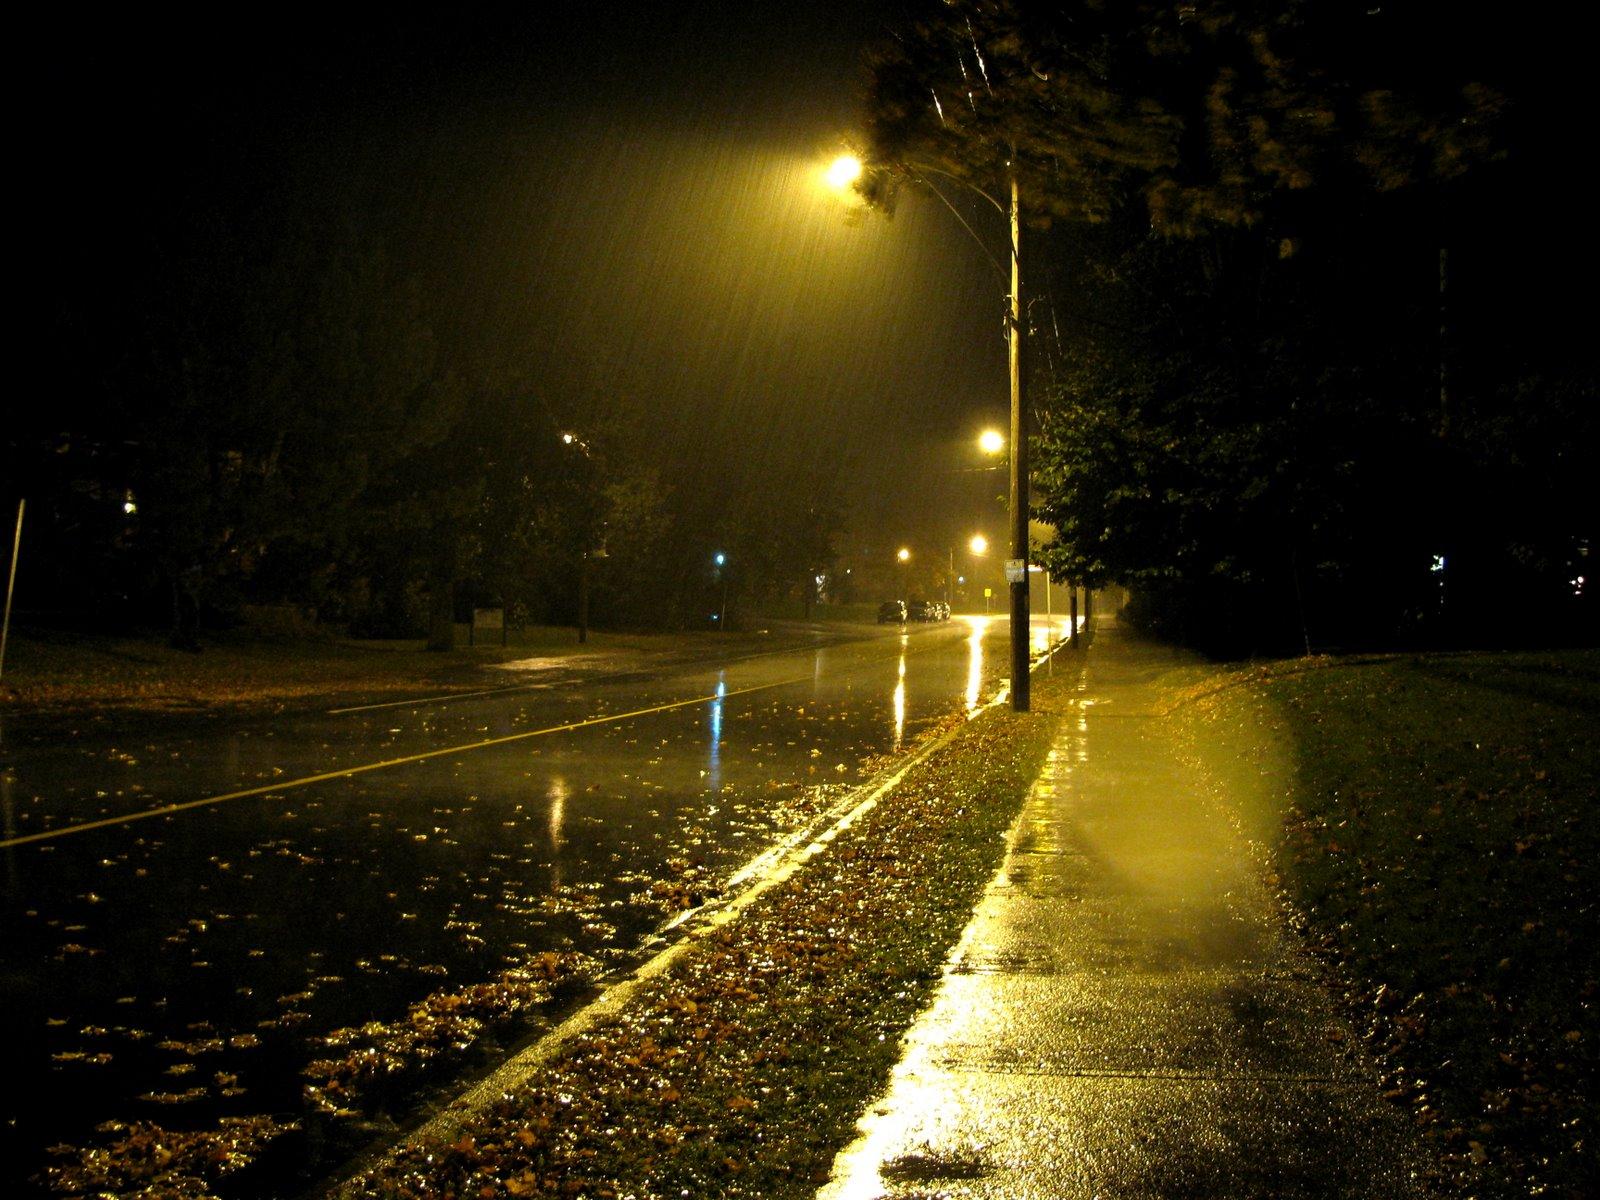 Gece sessizlik karanlık yalnızlık ve huzur